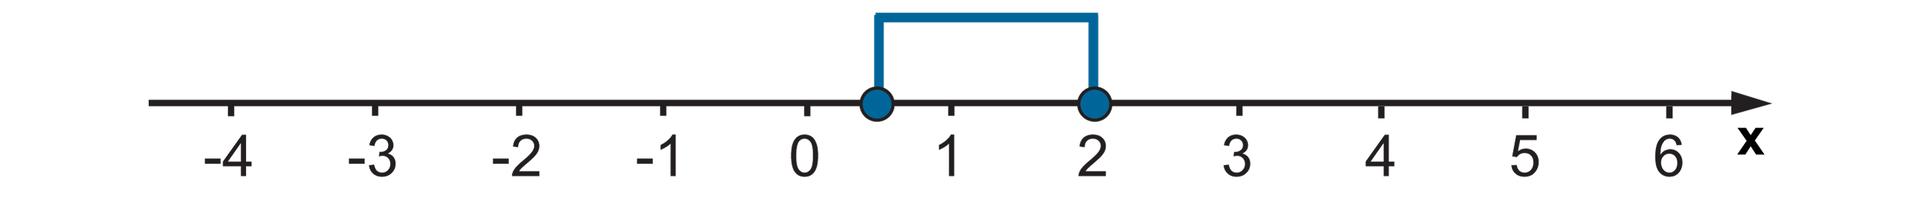 Rysunek osi liczbowej zzaznaczonymi punktami od -4 do 6. Zamalowane kółko wpunktach jedna druga i2. Zaznaczone wszystkie liczby między nimi.